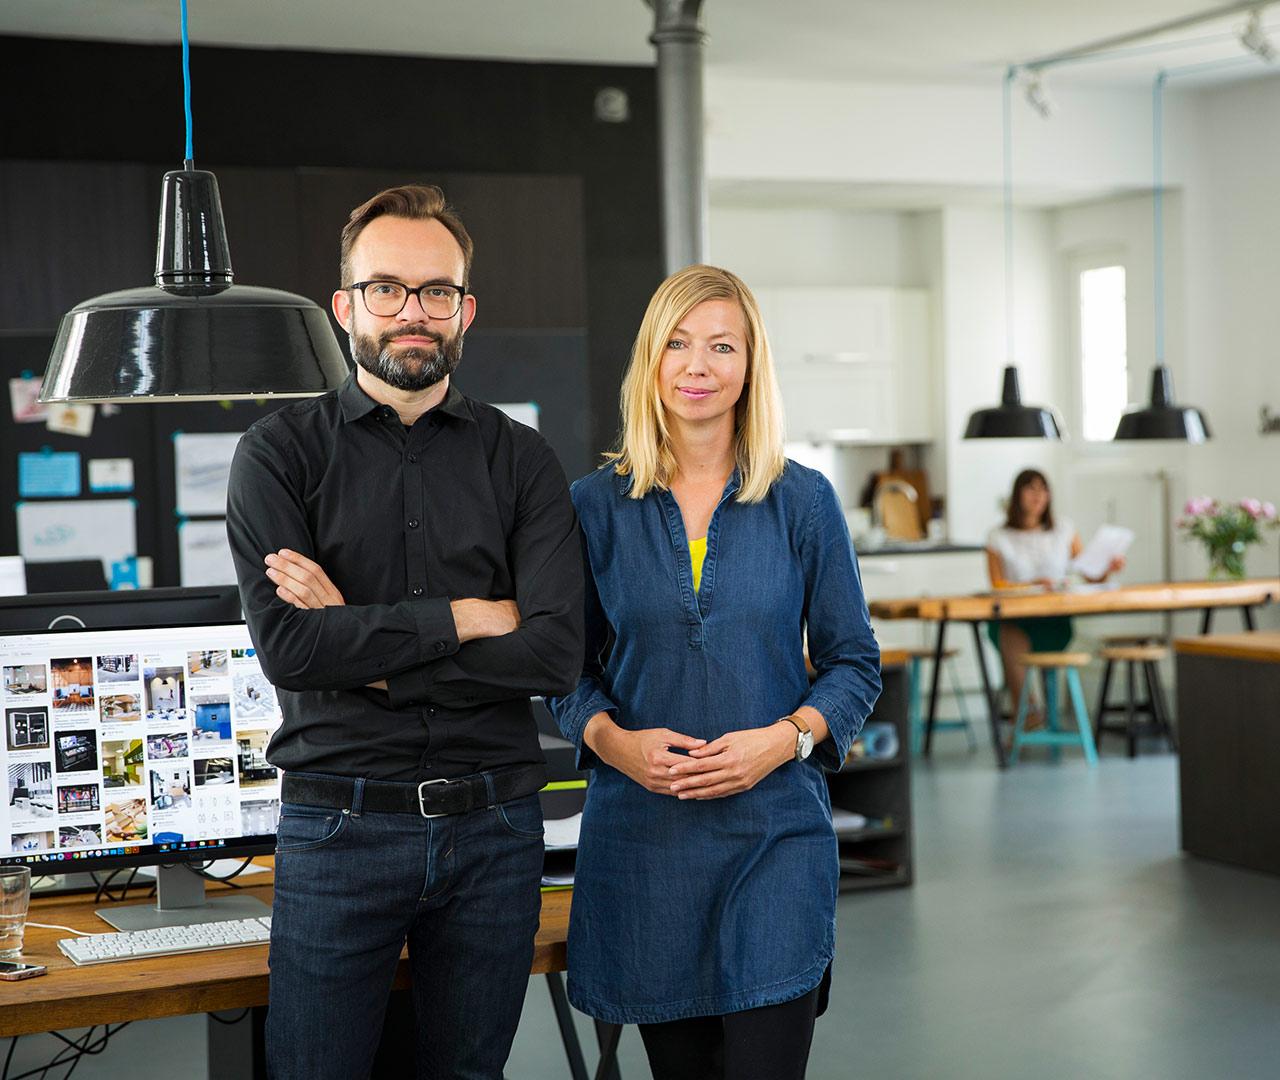 Preussisch Portugal Inhaber: Martim Barrento und Christine Rathjen